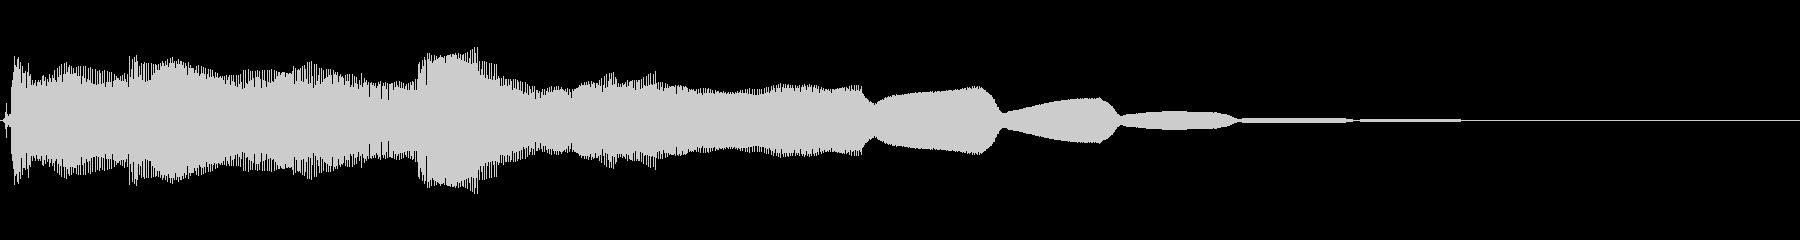 ロックブルースバンパー8の未再生の波形